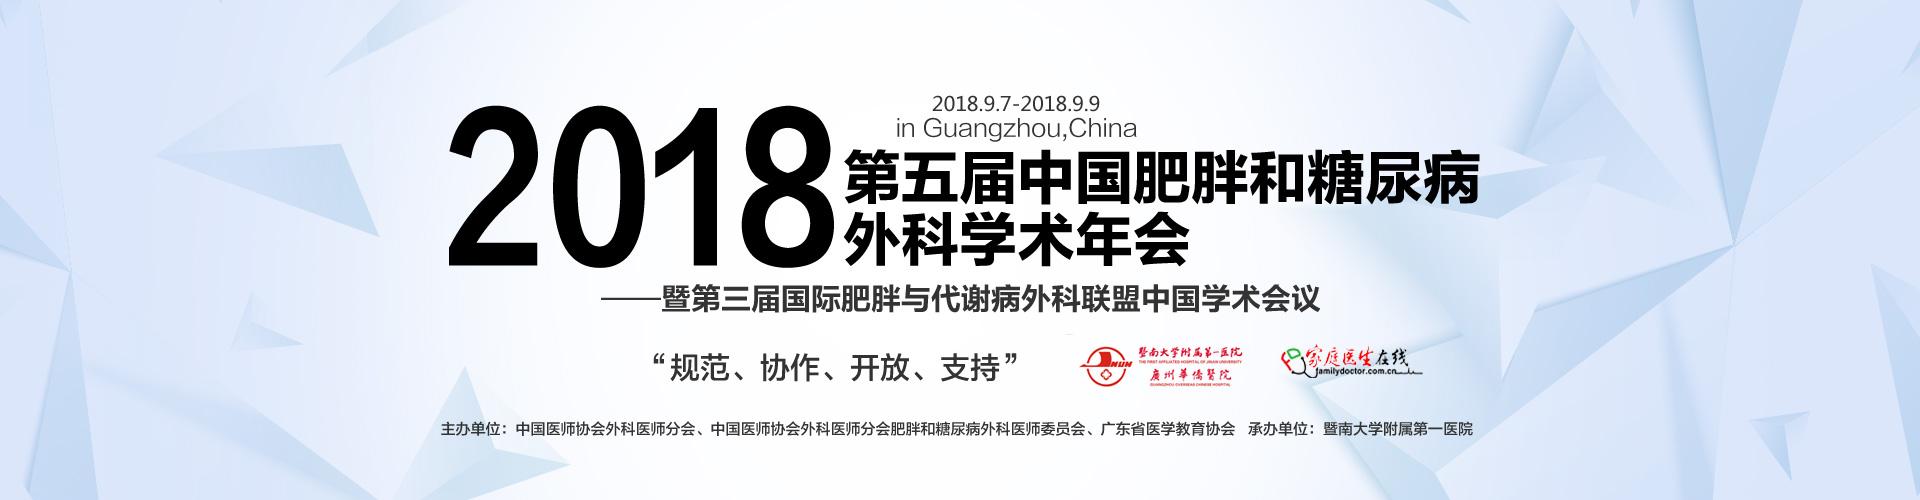 第五届中国肥胖和糖尿病外科学术年会